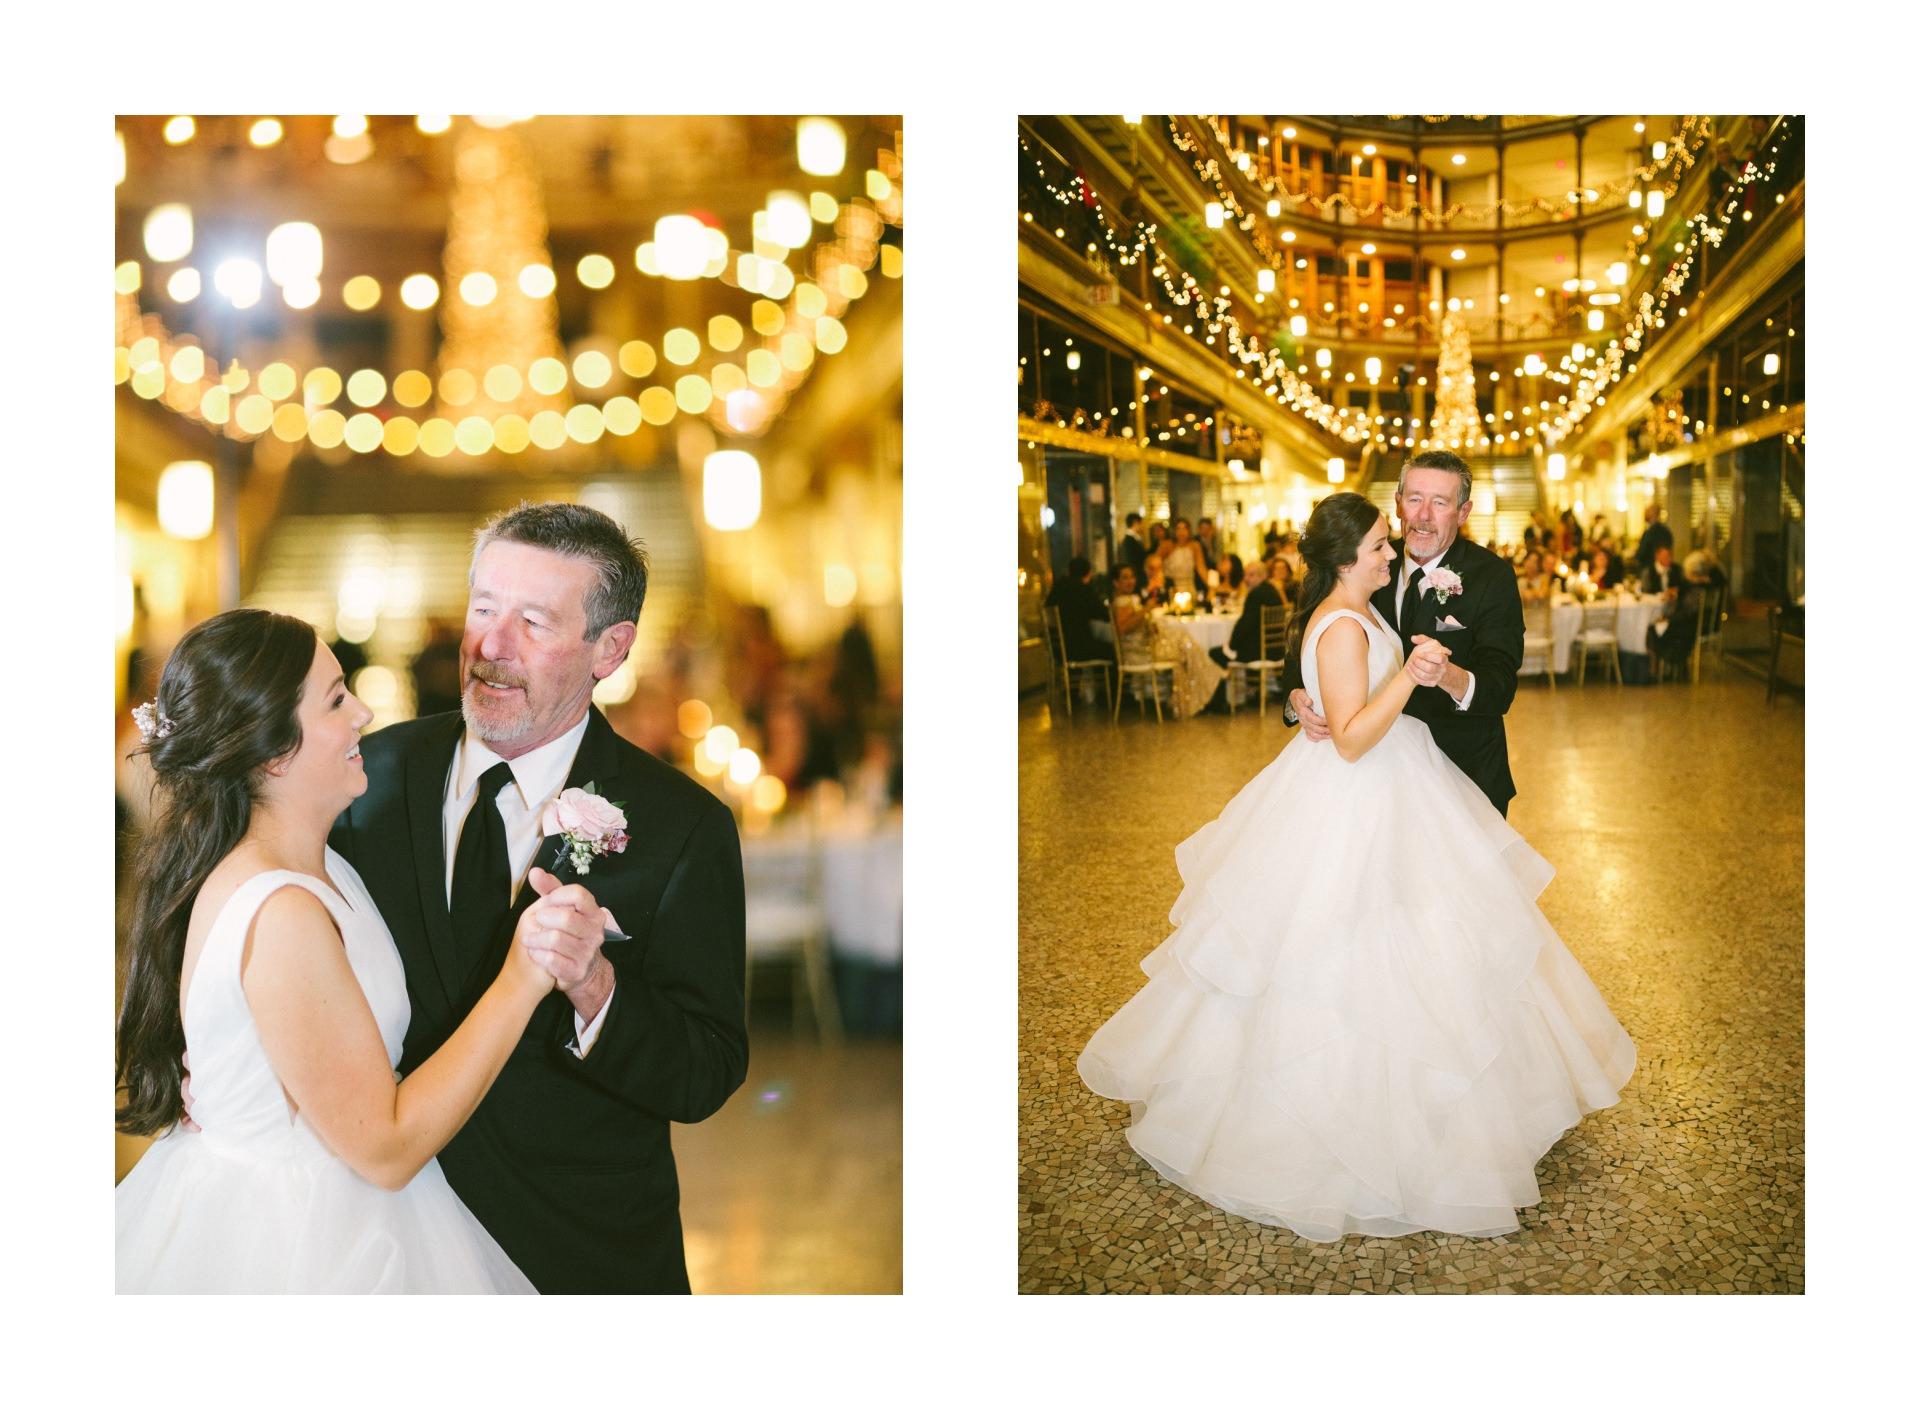 Hyatt Old Arcade Wedding Photographer in Cleveland 2 21.jpg